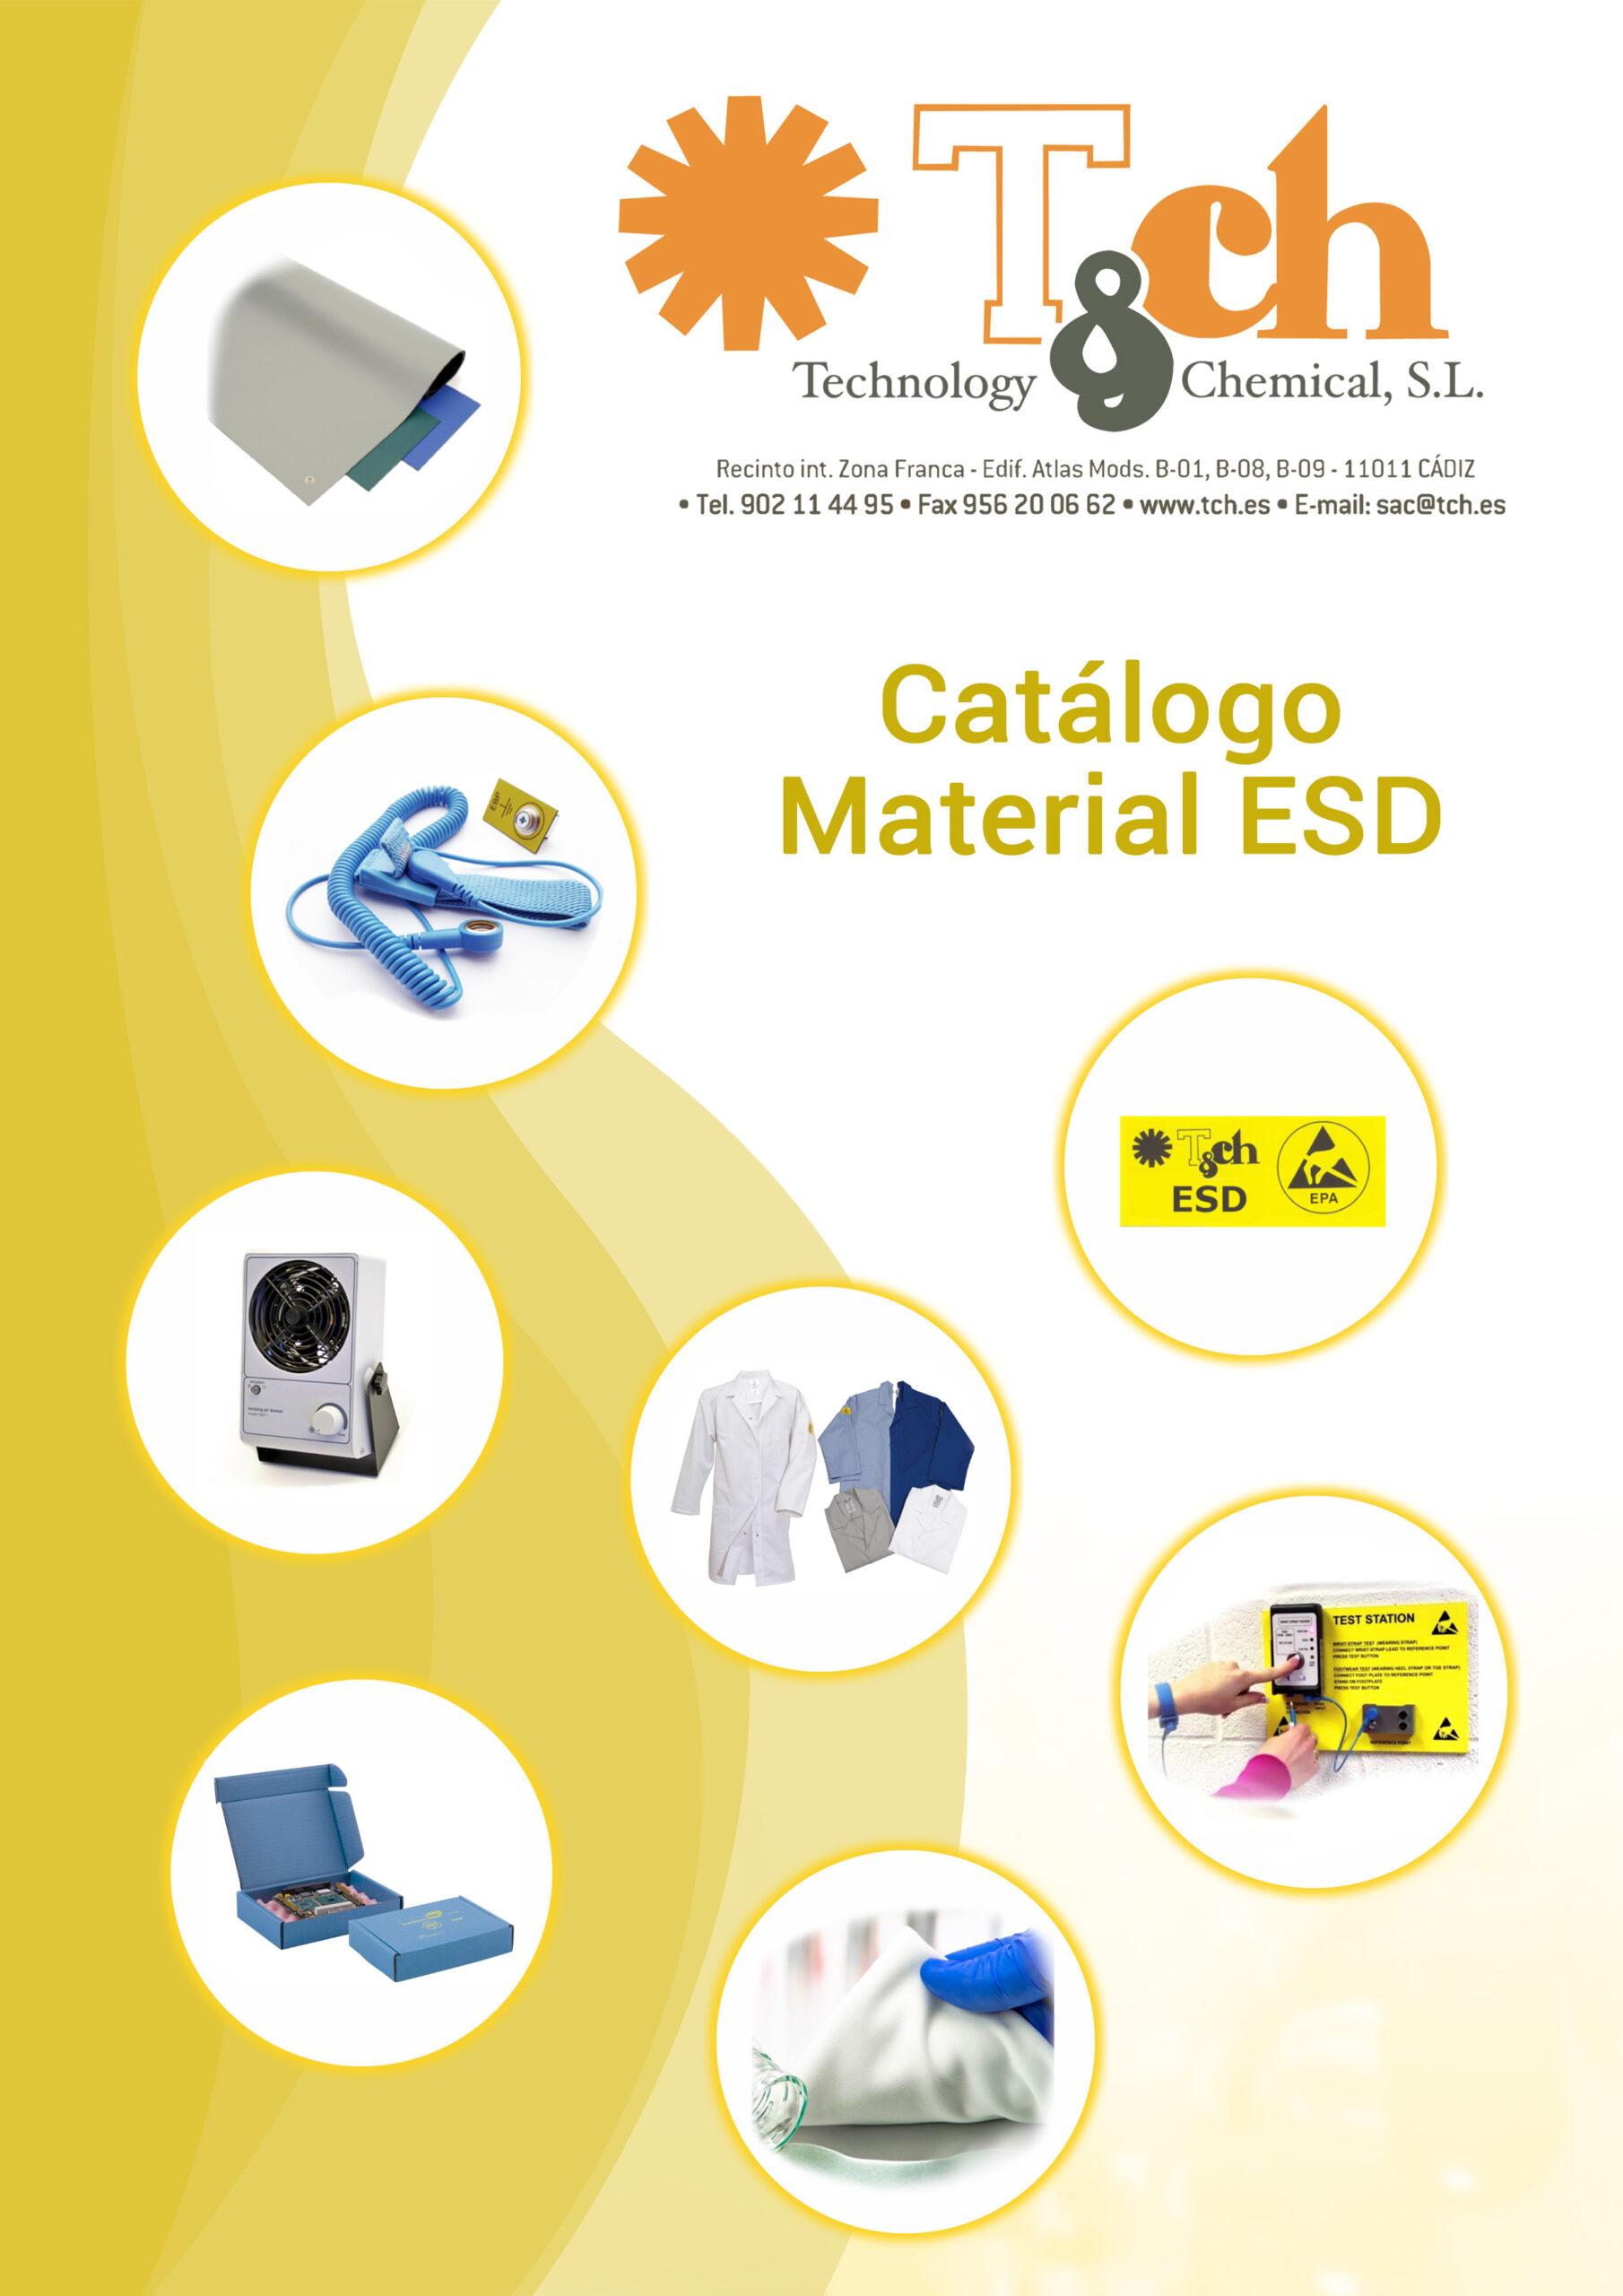 Catálogo protección ESD